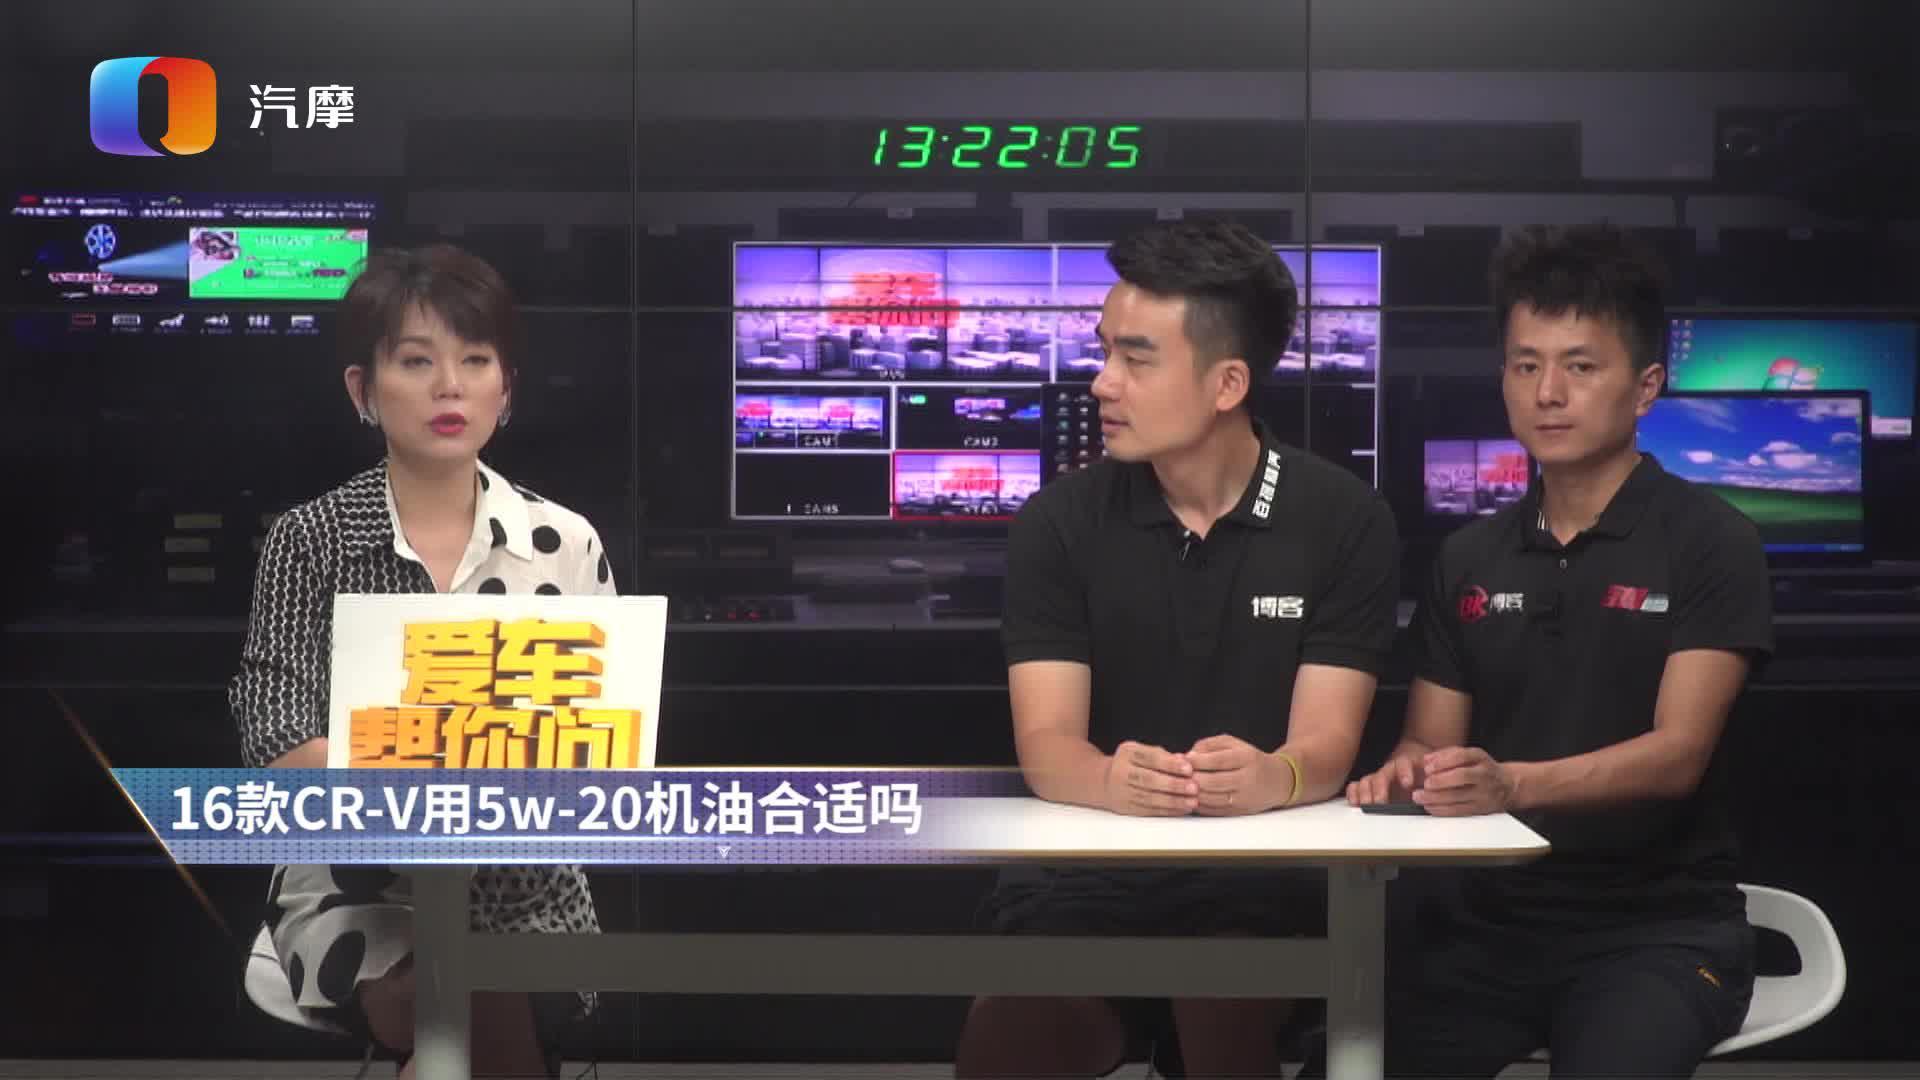 视频:本田CR-V用5W-20的机油合适吗?